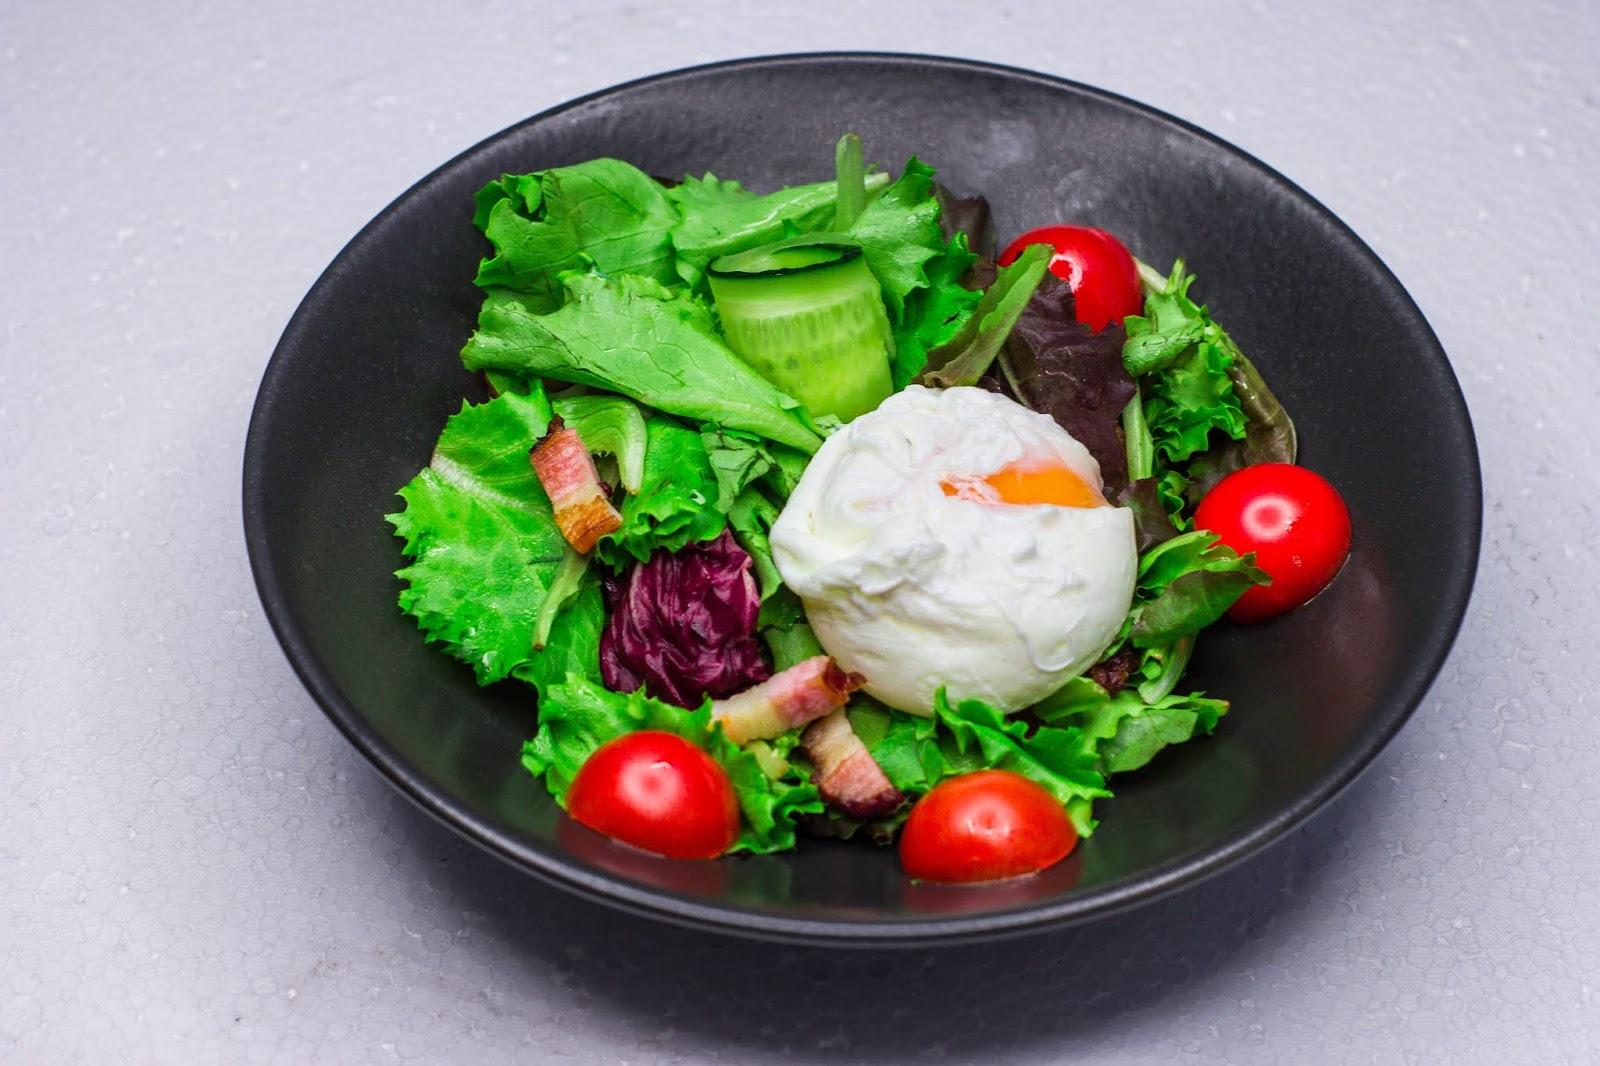 Сбалансированная Диета Для 18 Лет. Правильное питание для женщины: залог здоровья и стройной фигуры